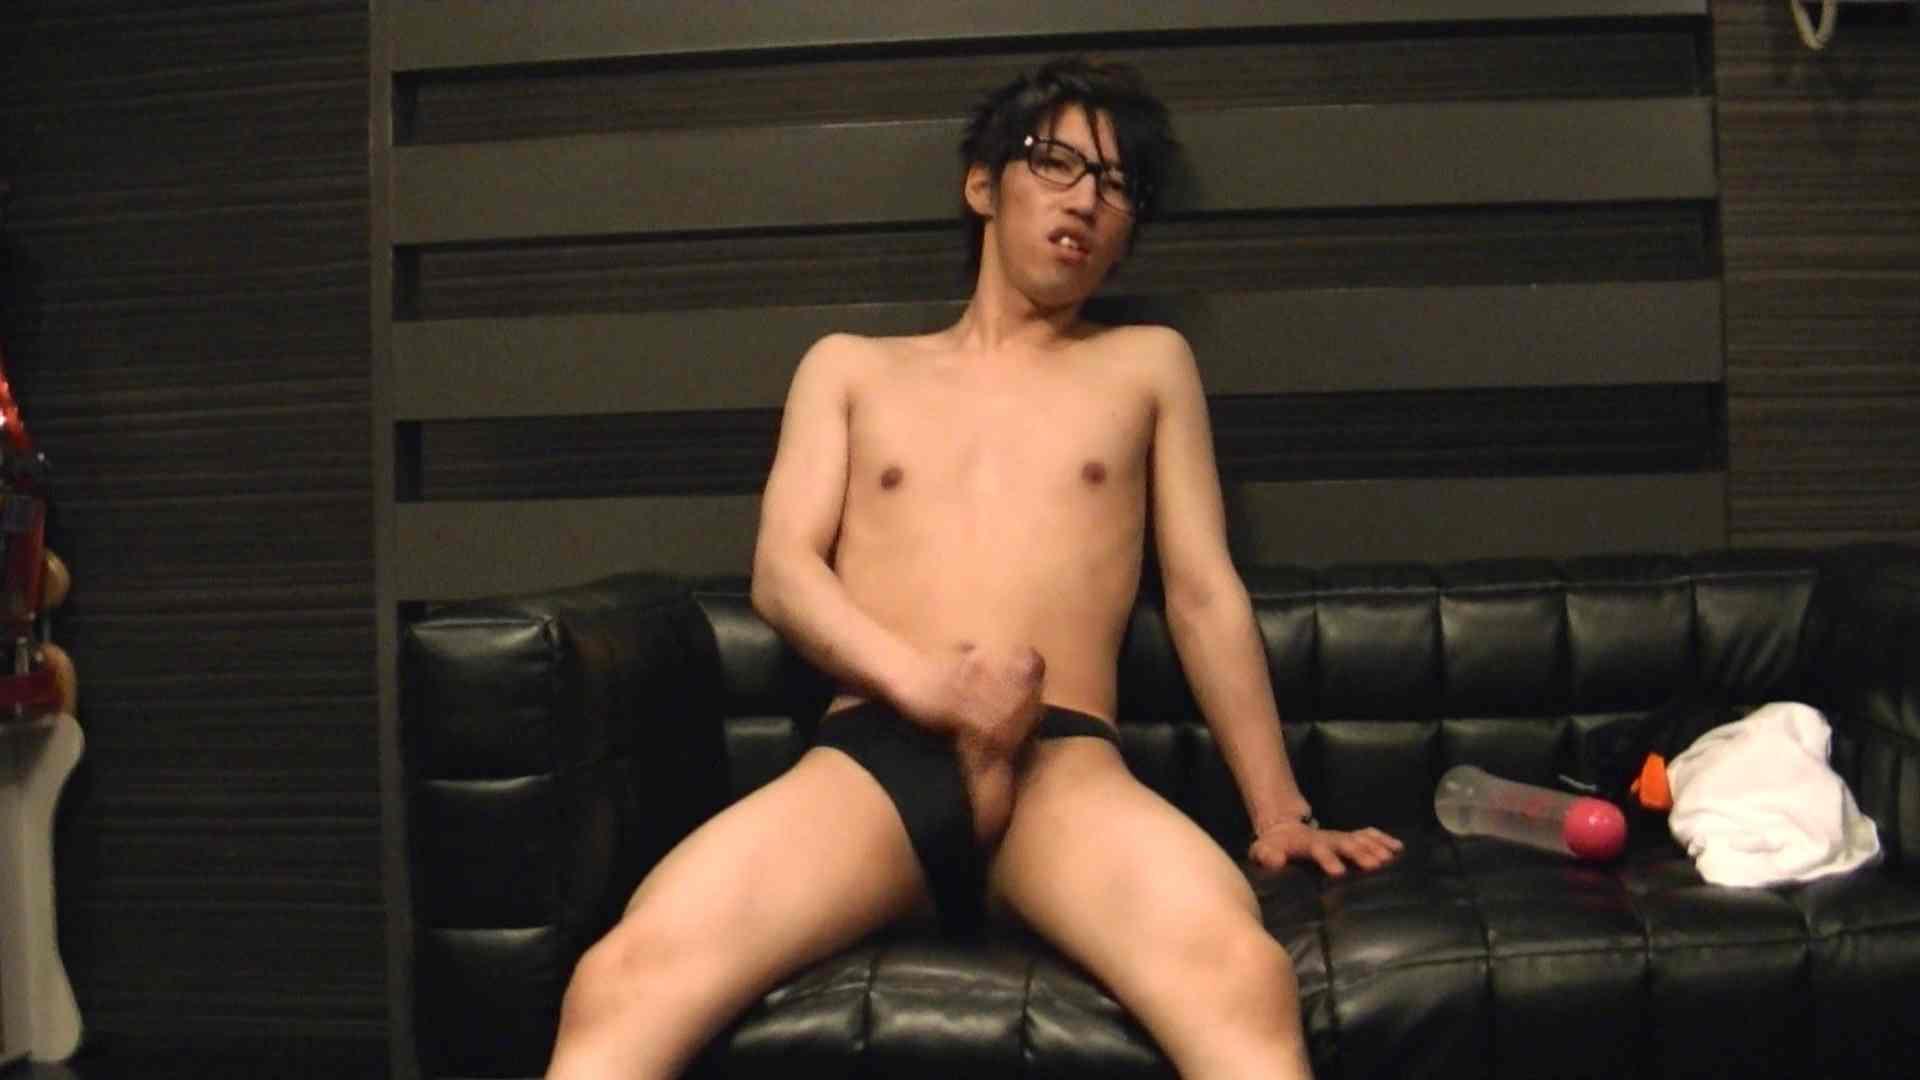 Mr.オナックスさん投稿!HD 貴方のオナニー三万円で撮影させてください。VOL.04 スジ筋系  32pic 25